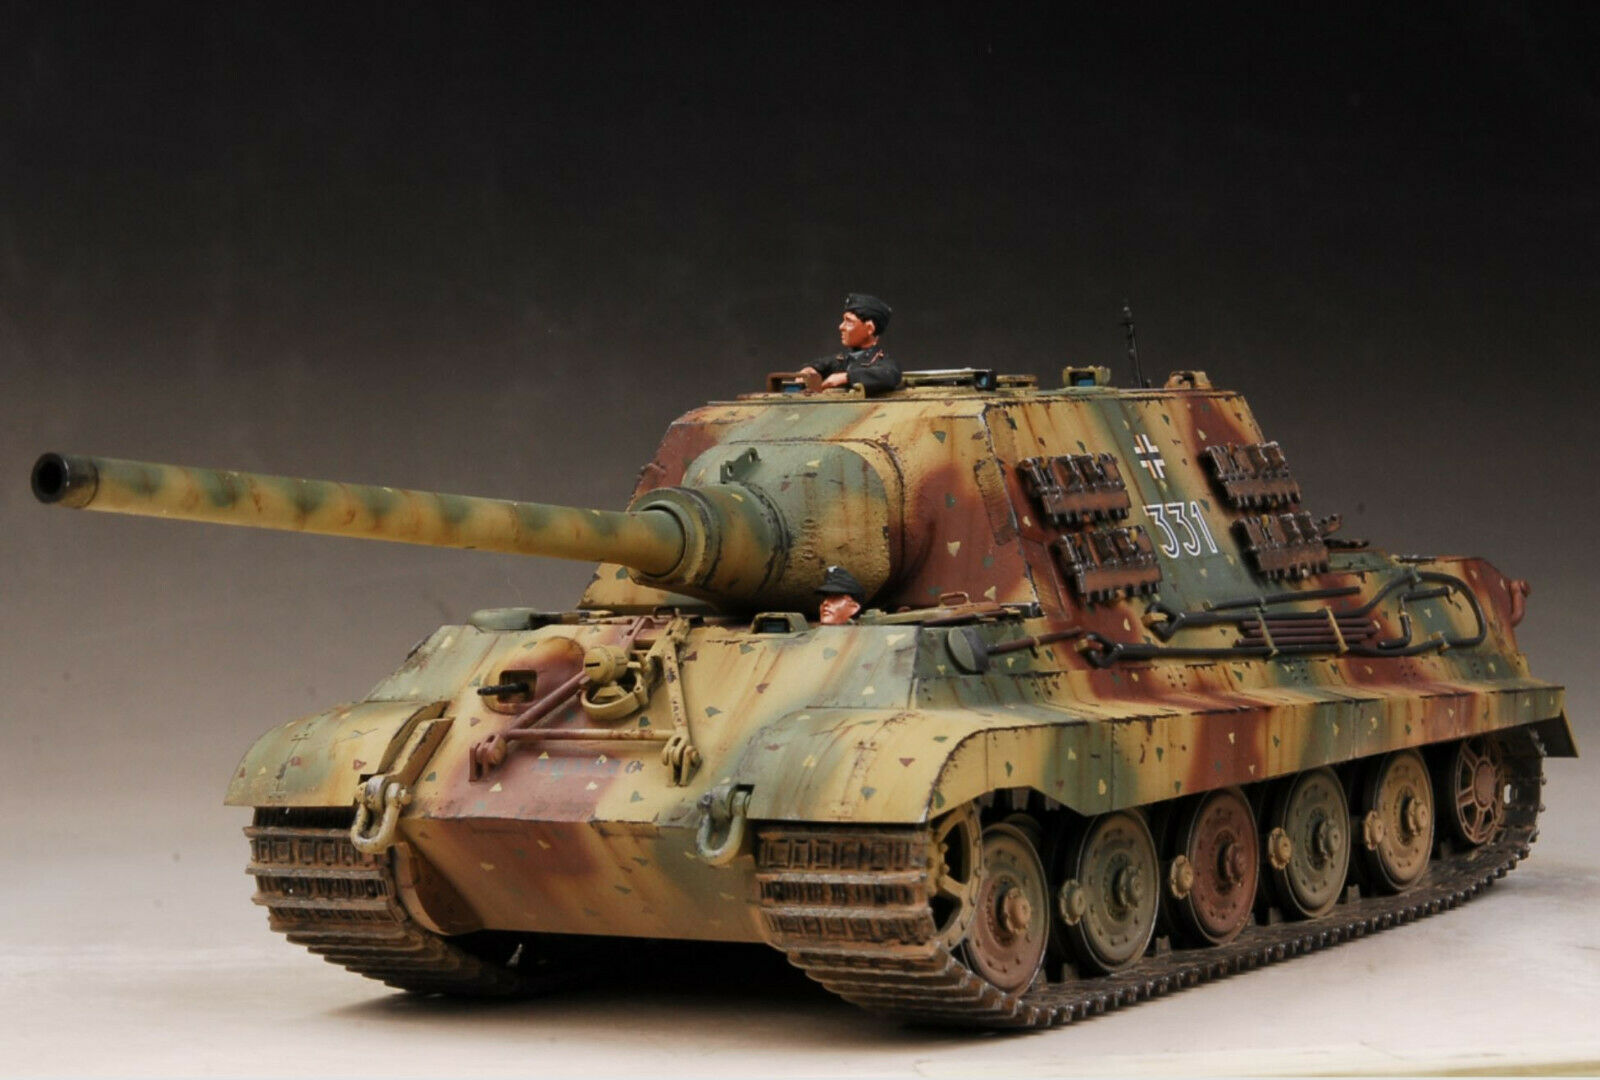 AwardWinner Built 1 35 Jagdtiger VI 331 Abt.653 Abt.653 Abt.653 Heidelberg 1945 +PE+Crew 9b3